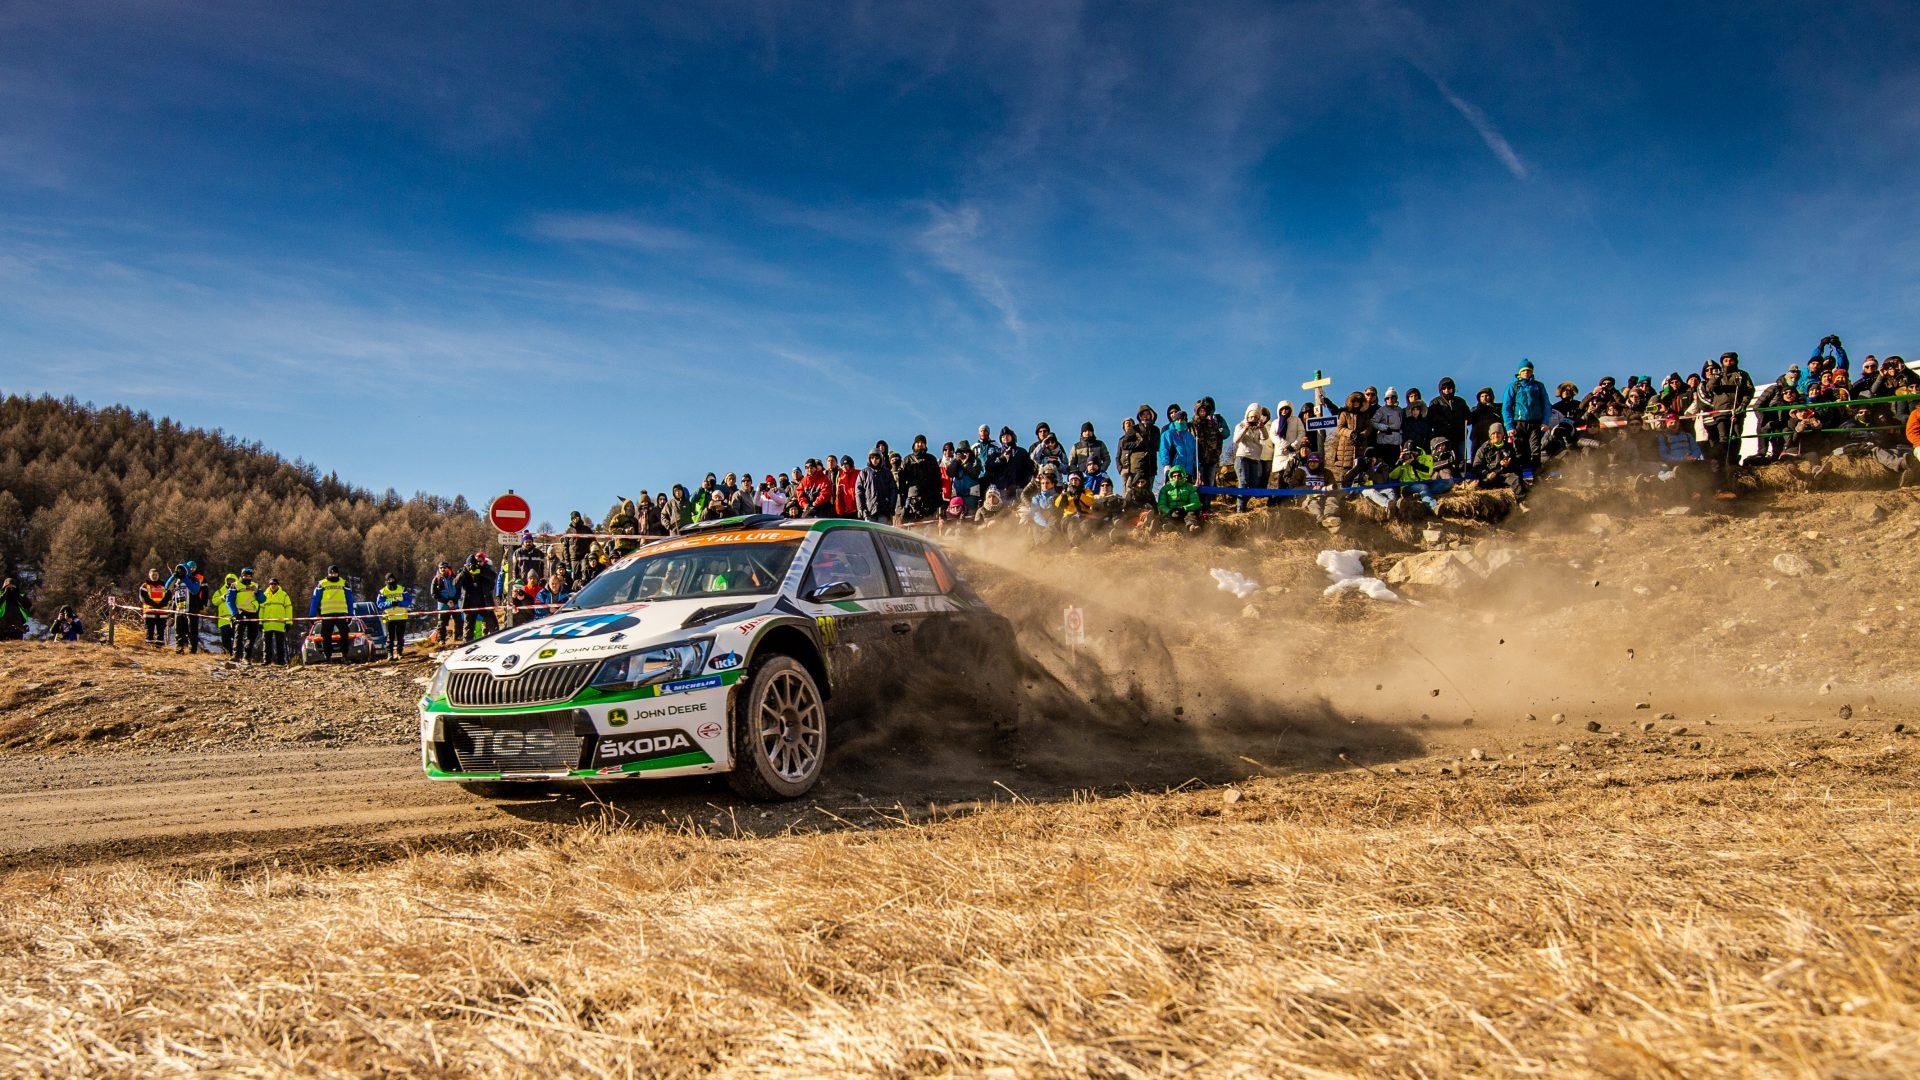 Když vás ani smůla nepřinutí se vzdát: Rallye Monte Carlo 2019 | Video